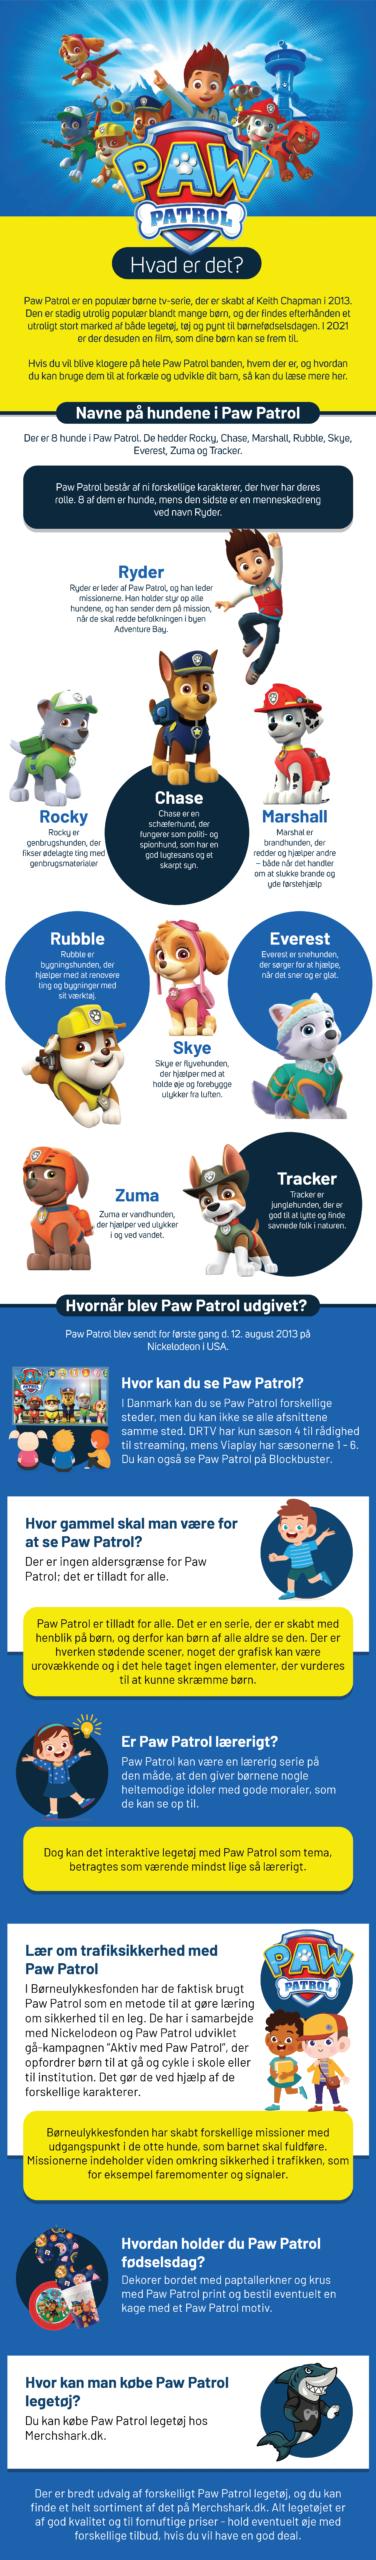 Hvad er Paw Patrol - Infografik